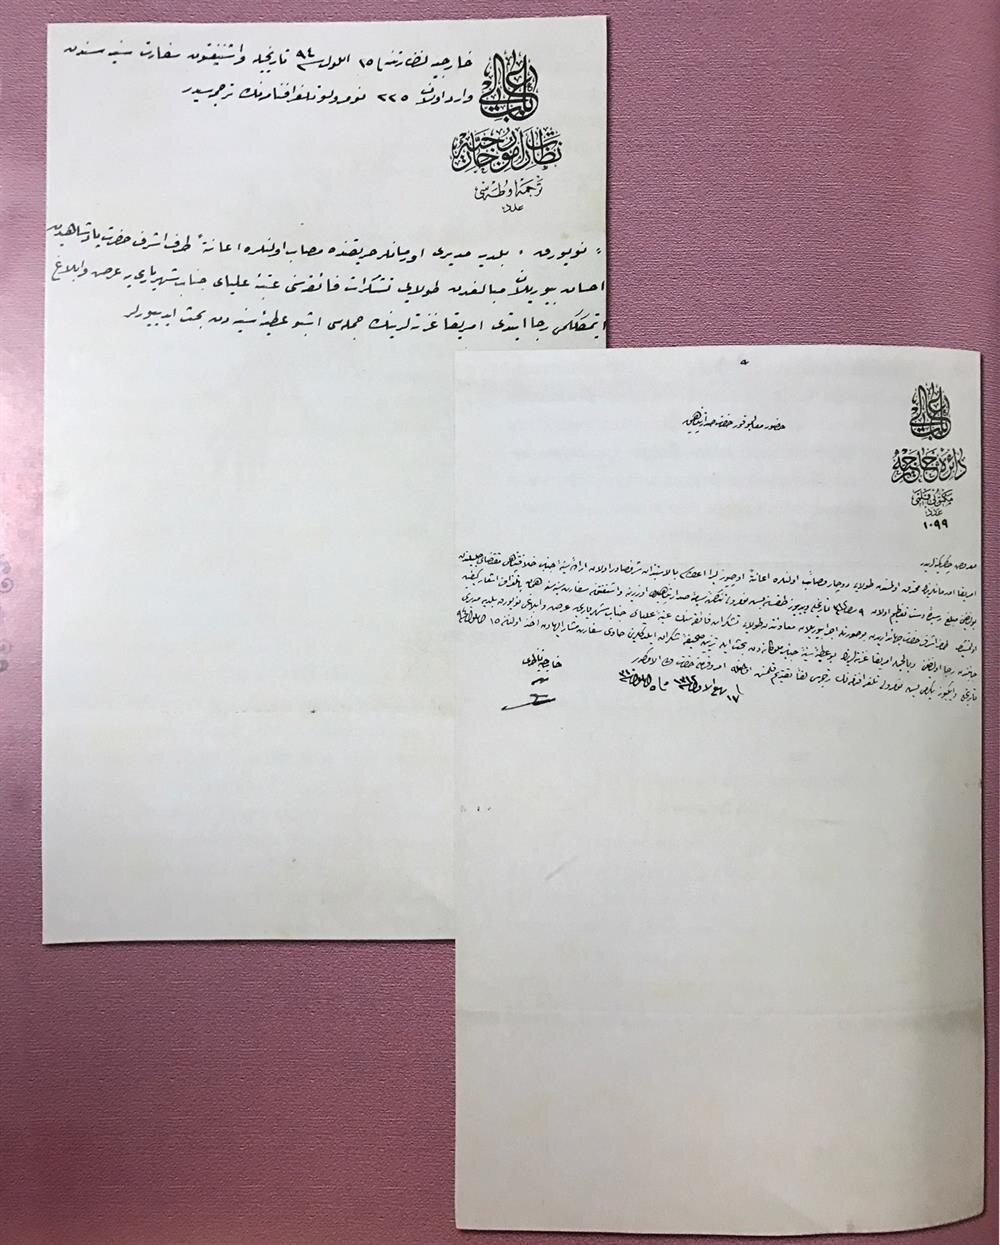 Osmanlı Padişahı 2. Abdülhamid'in ABD'ye gönderilmesini emrettiği yardımın belgeleri.